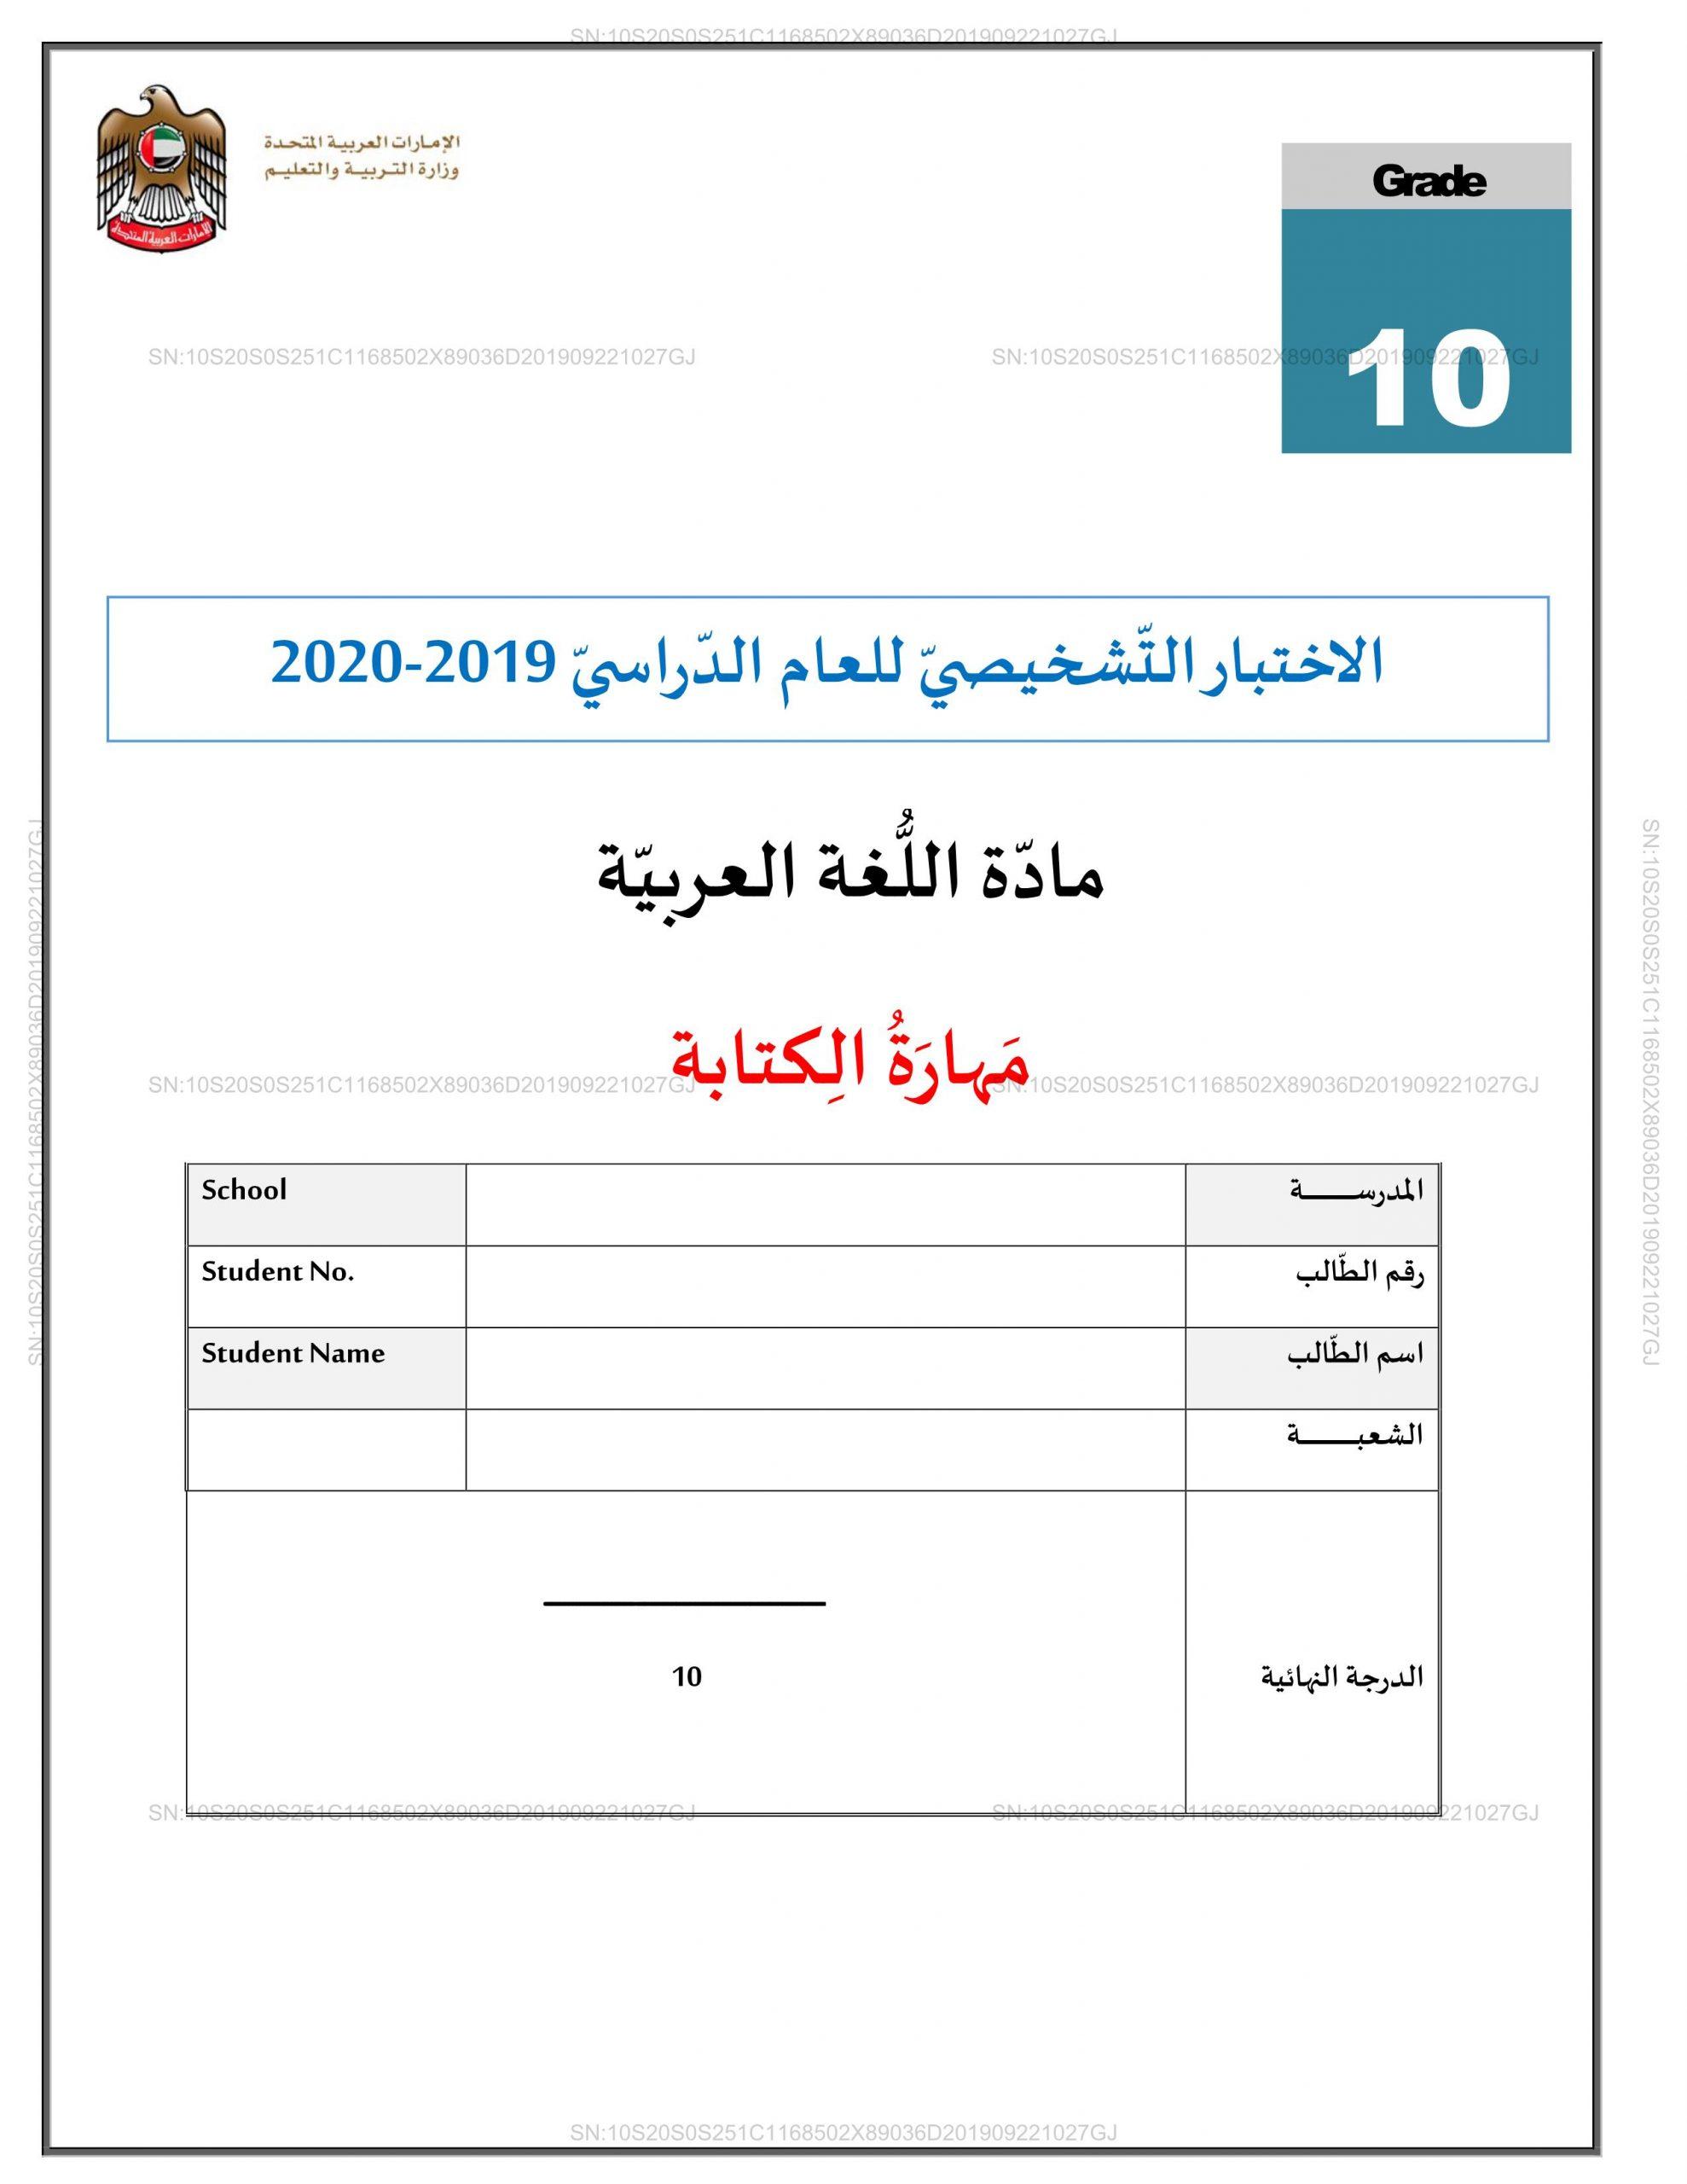 الاختبار التشخيصي مهارة الكتابة للصف العاشر مادة اللغة العربية